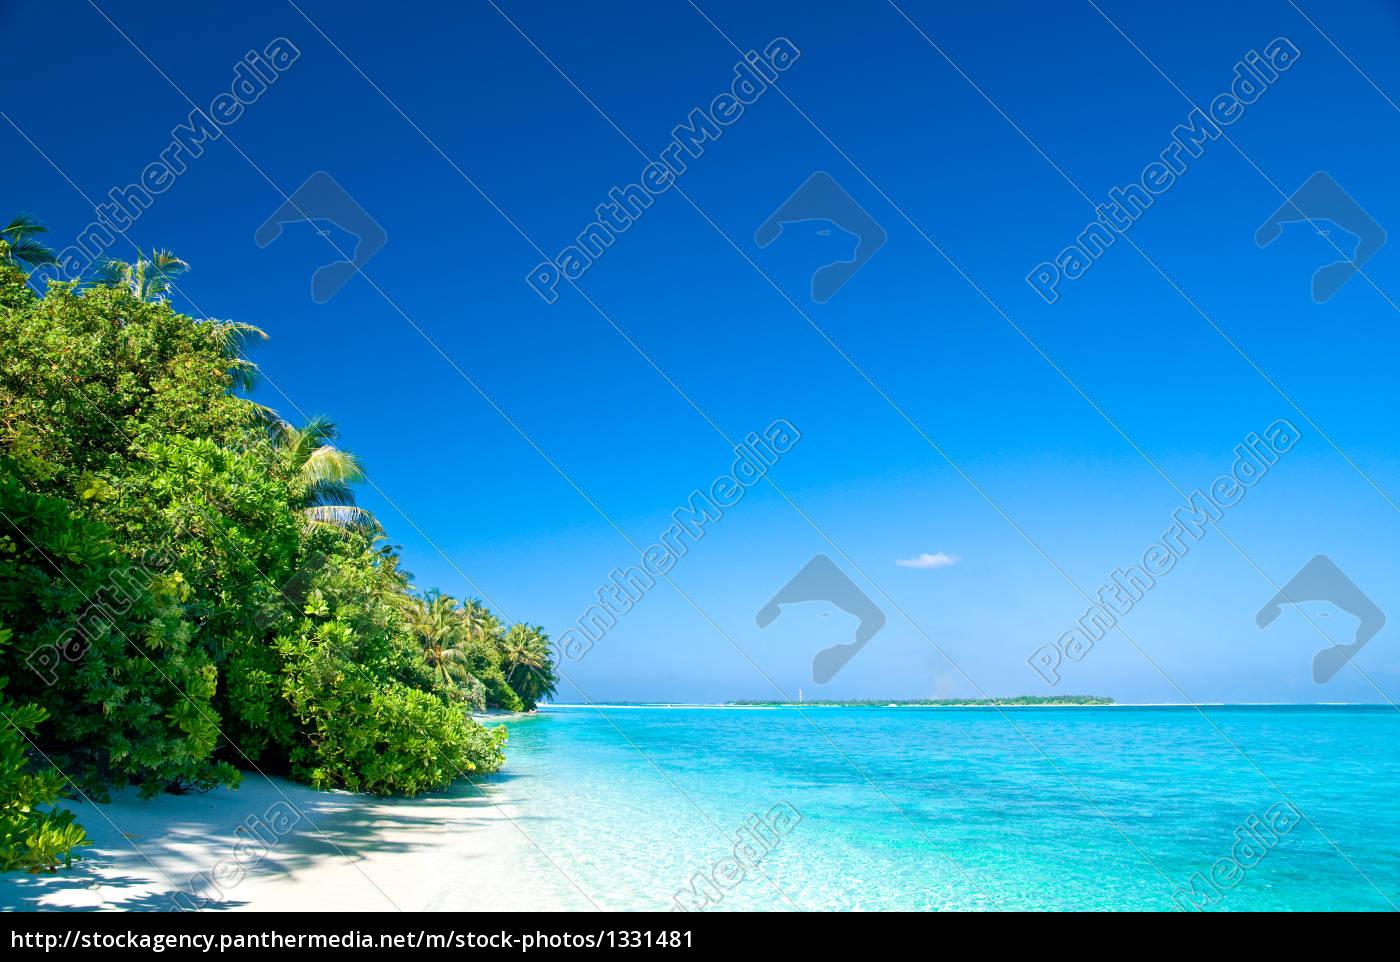 dream, beach - 1331481